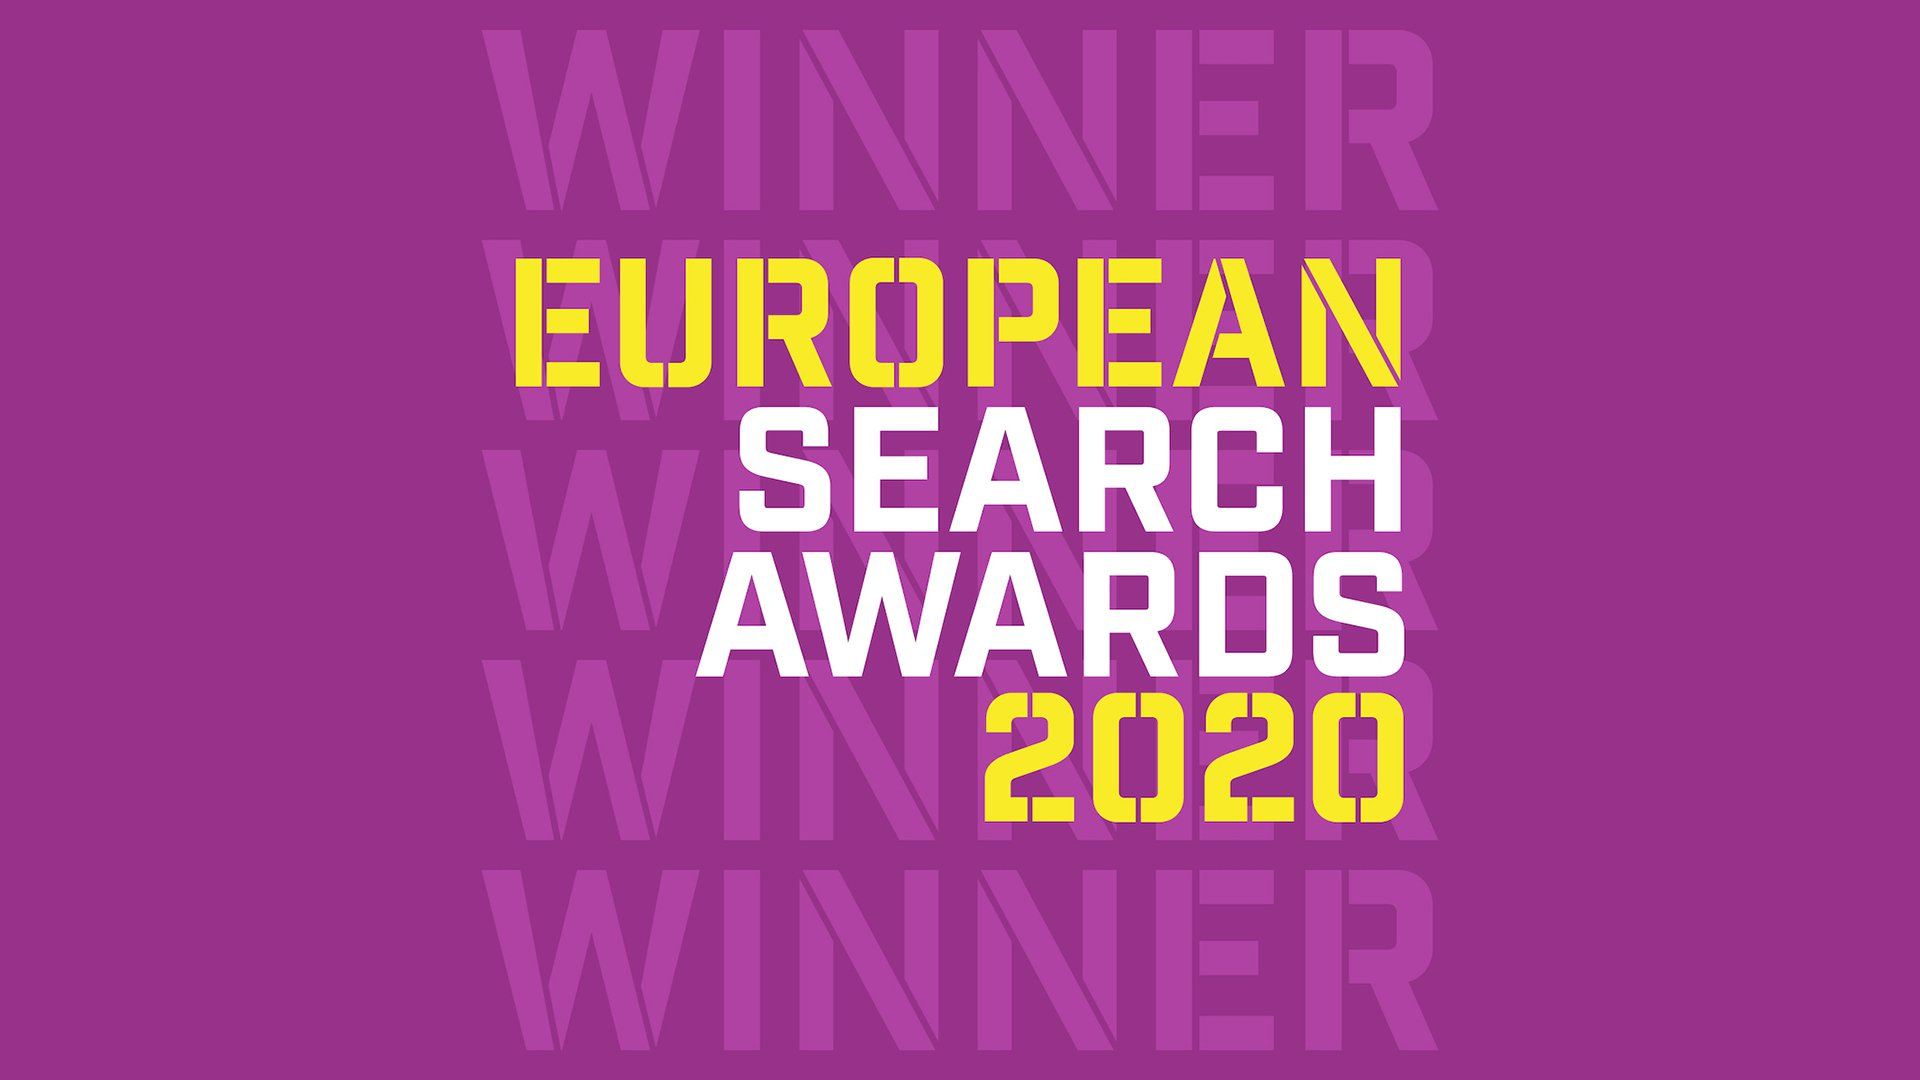 Adwise sleept één European Search Awards in de wacht